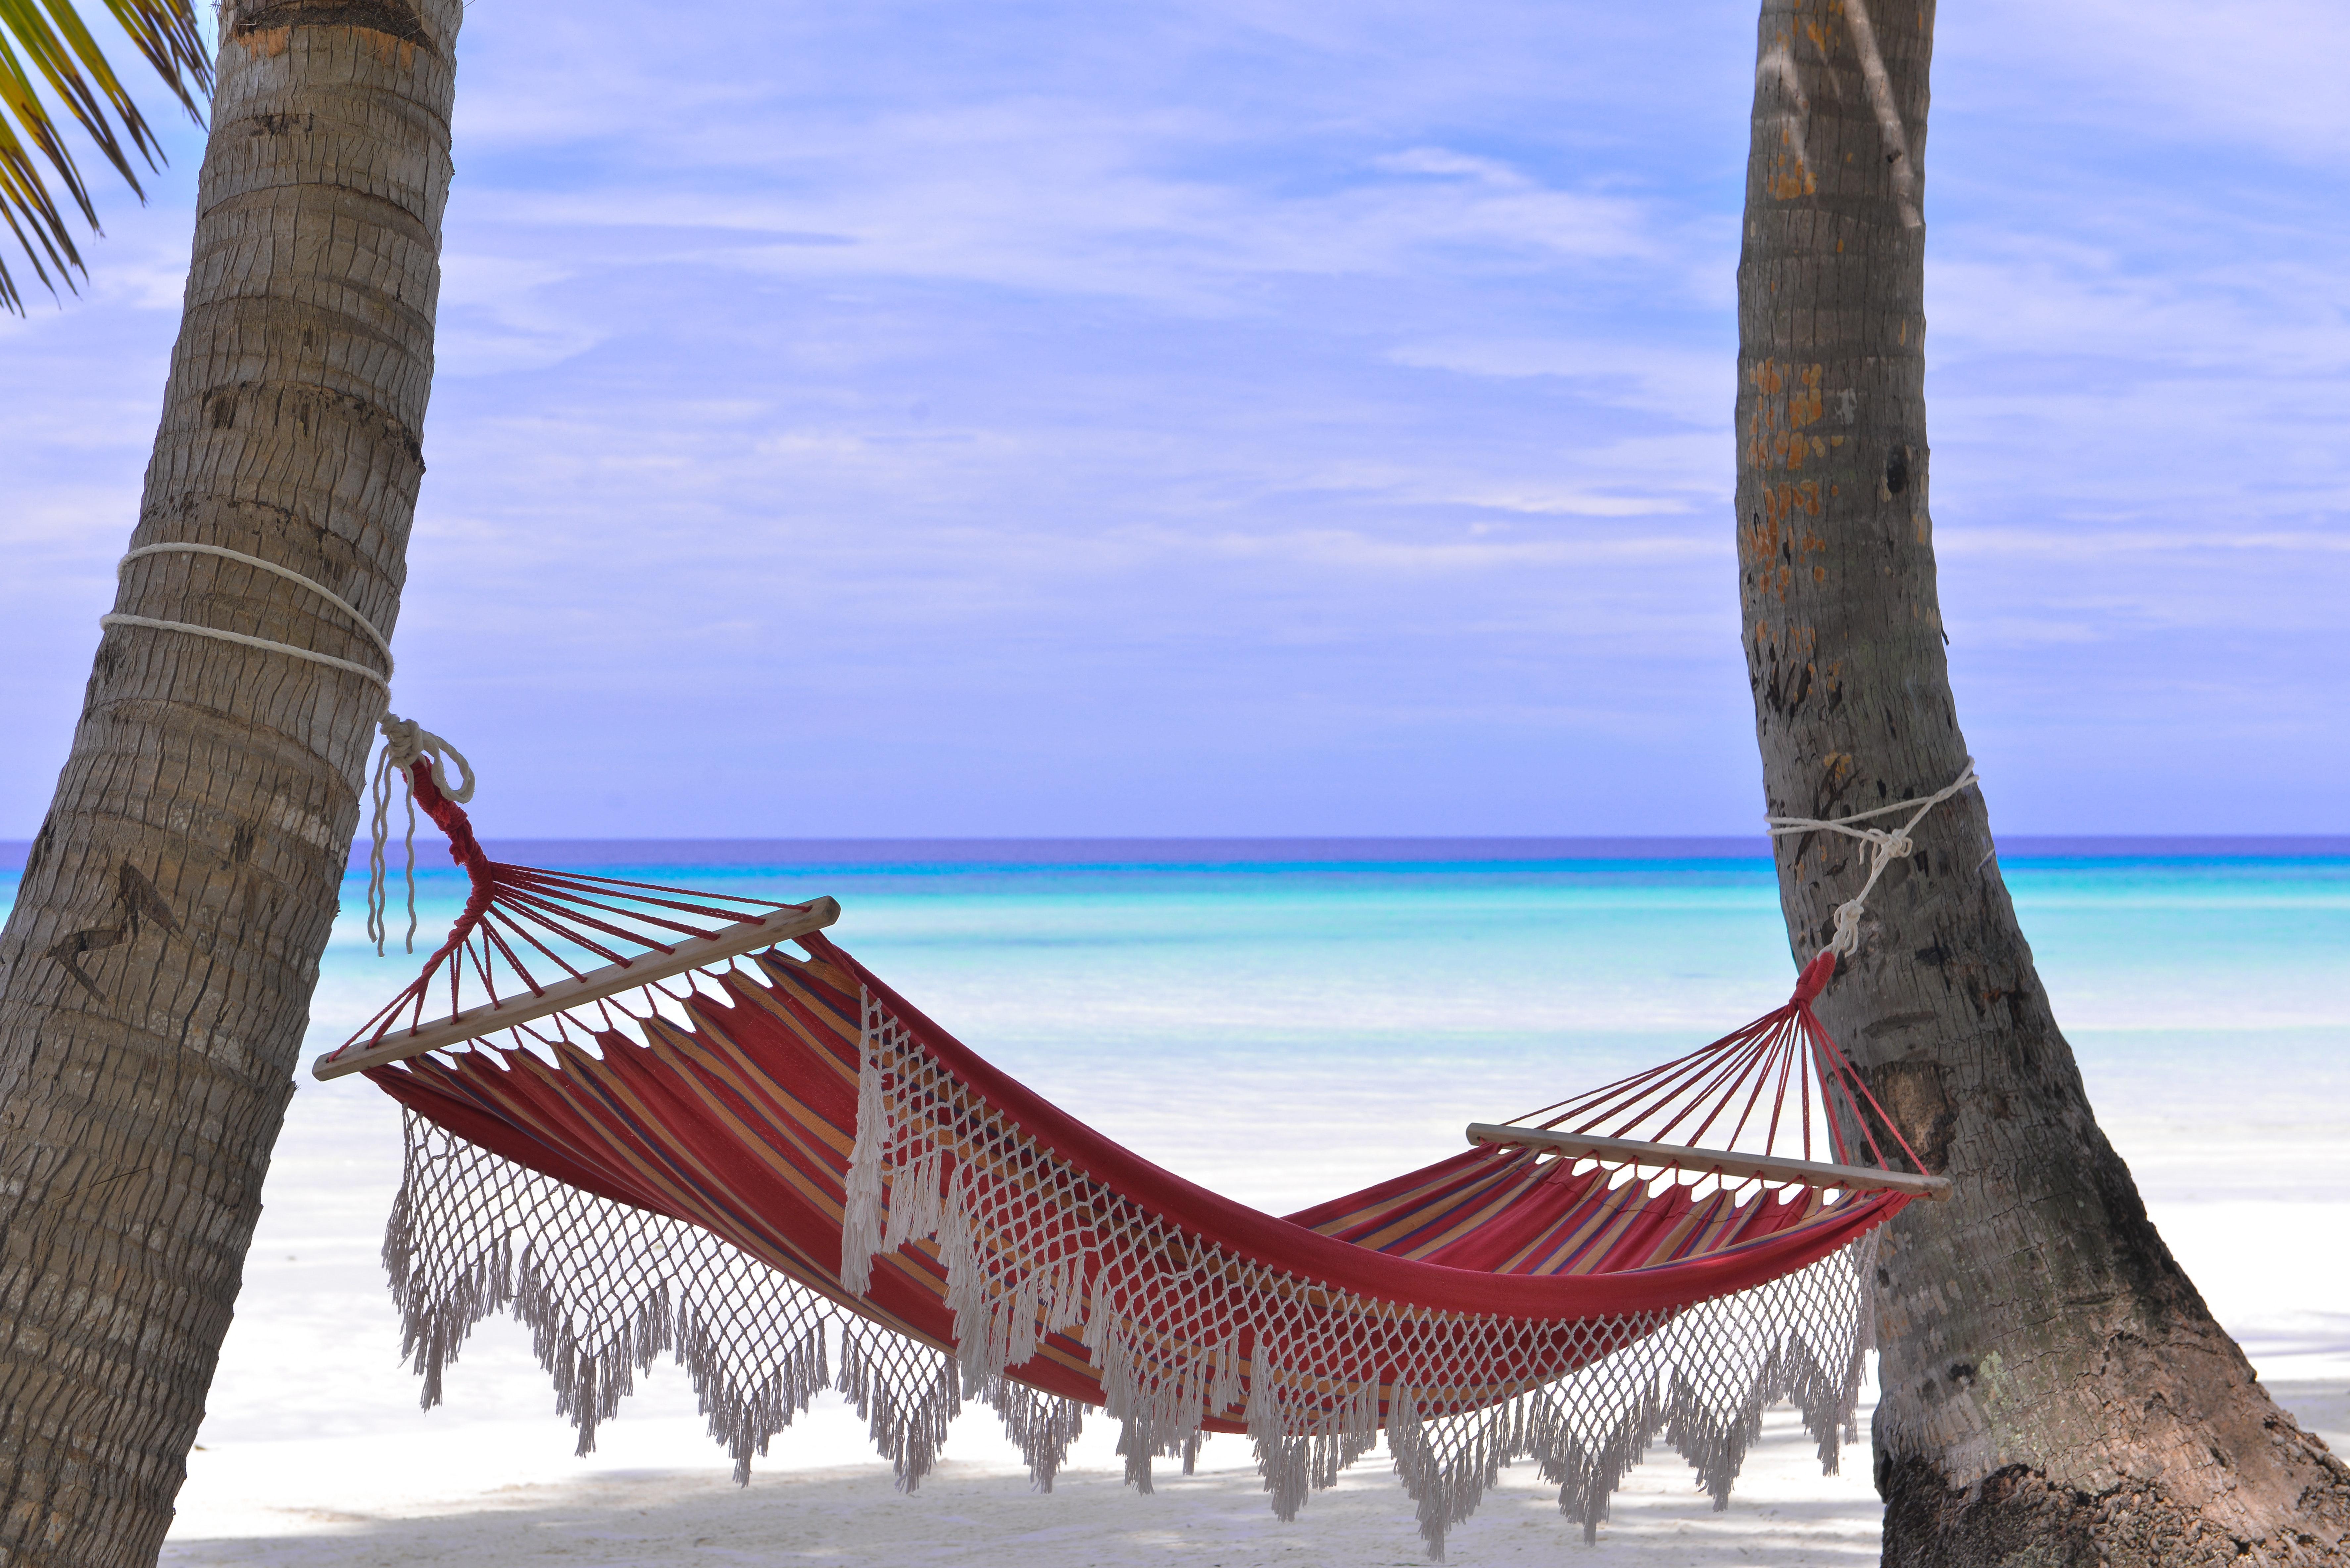 azure-bay-beach-1450372